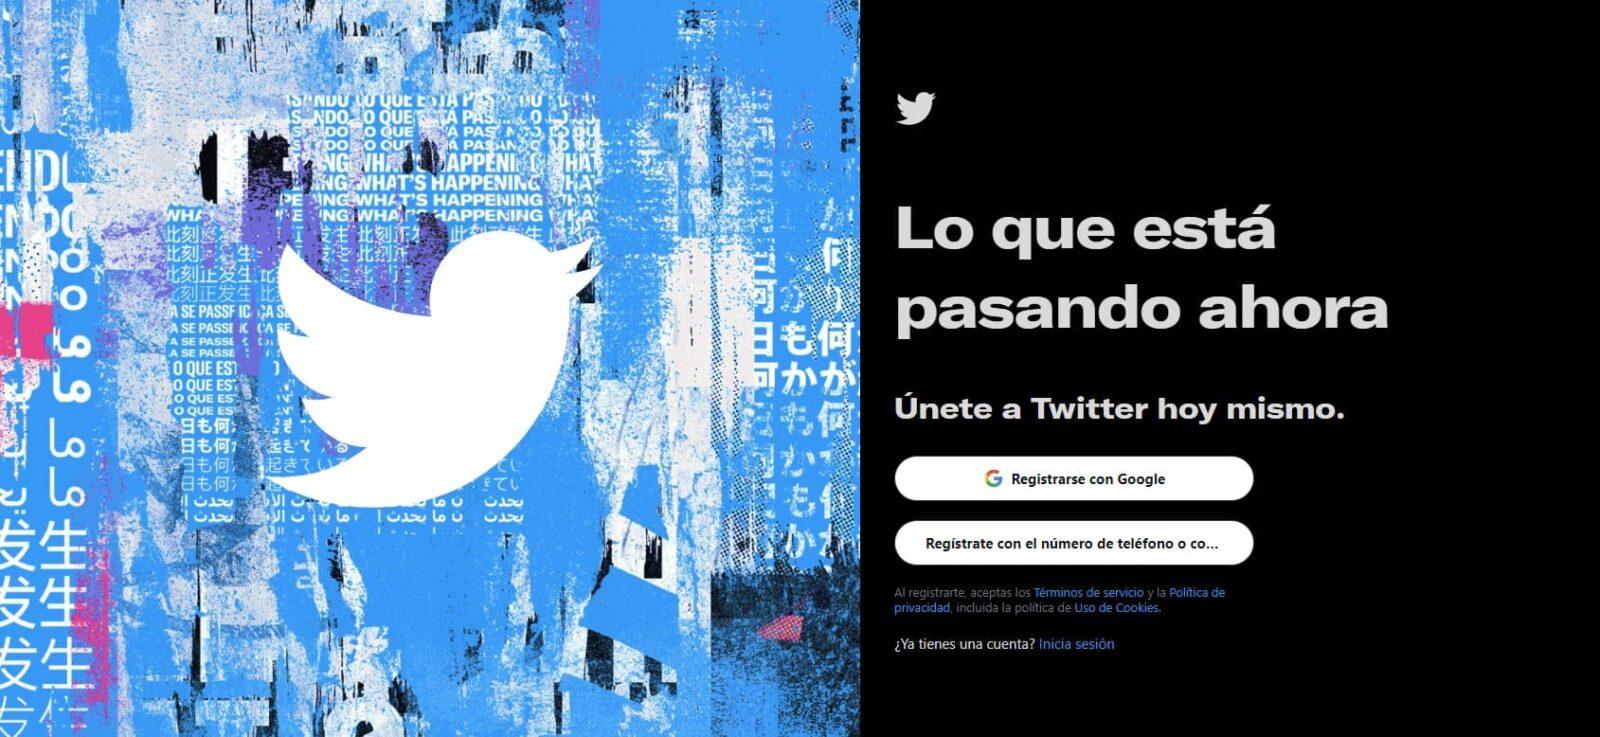 como-iniciar-sesion-cuenta-Google-en-Twitter